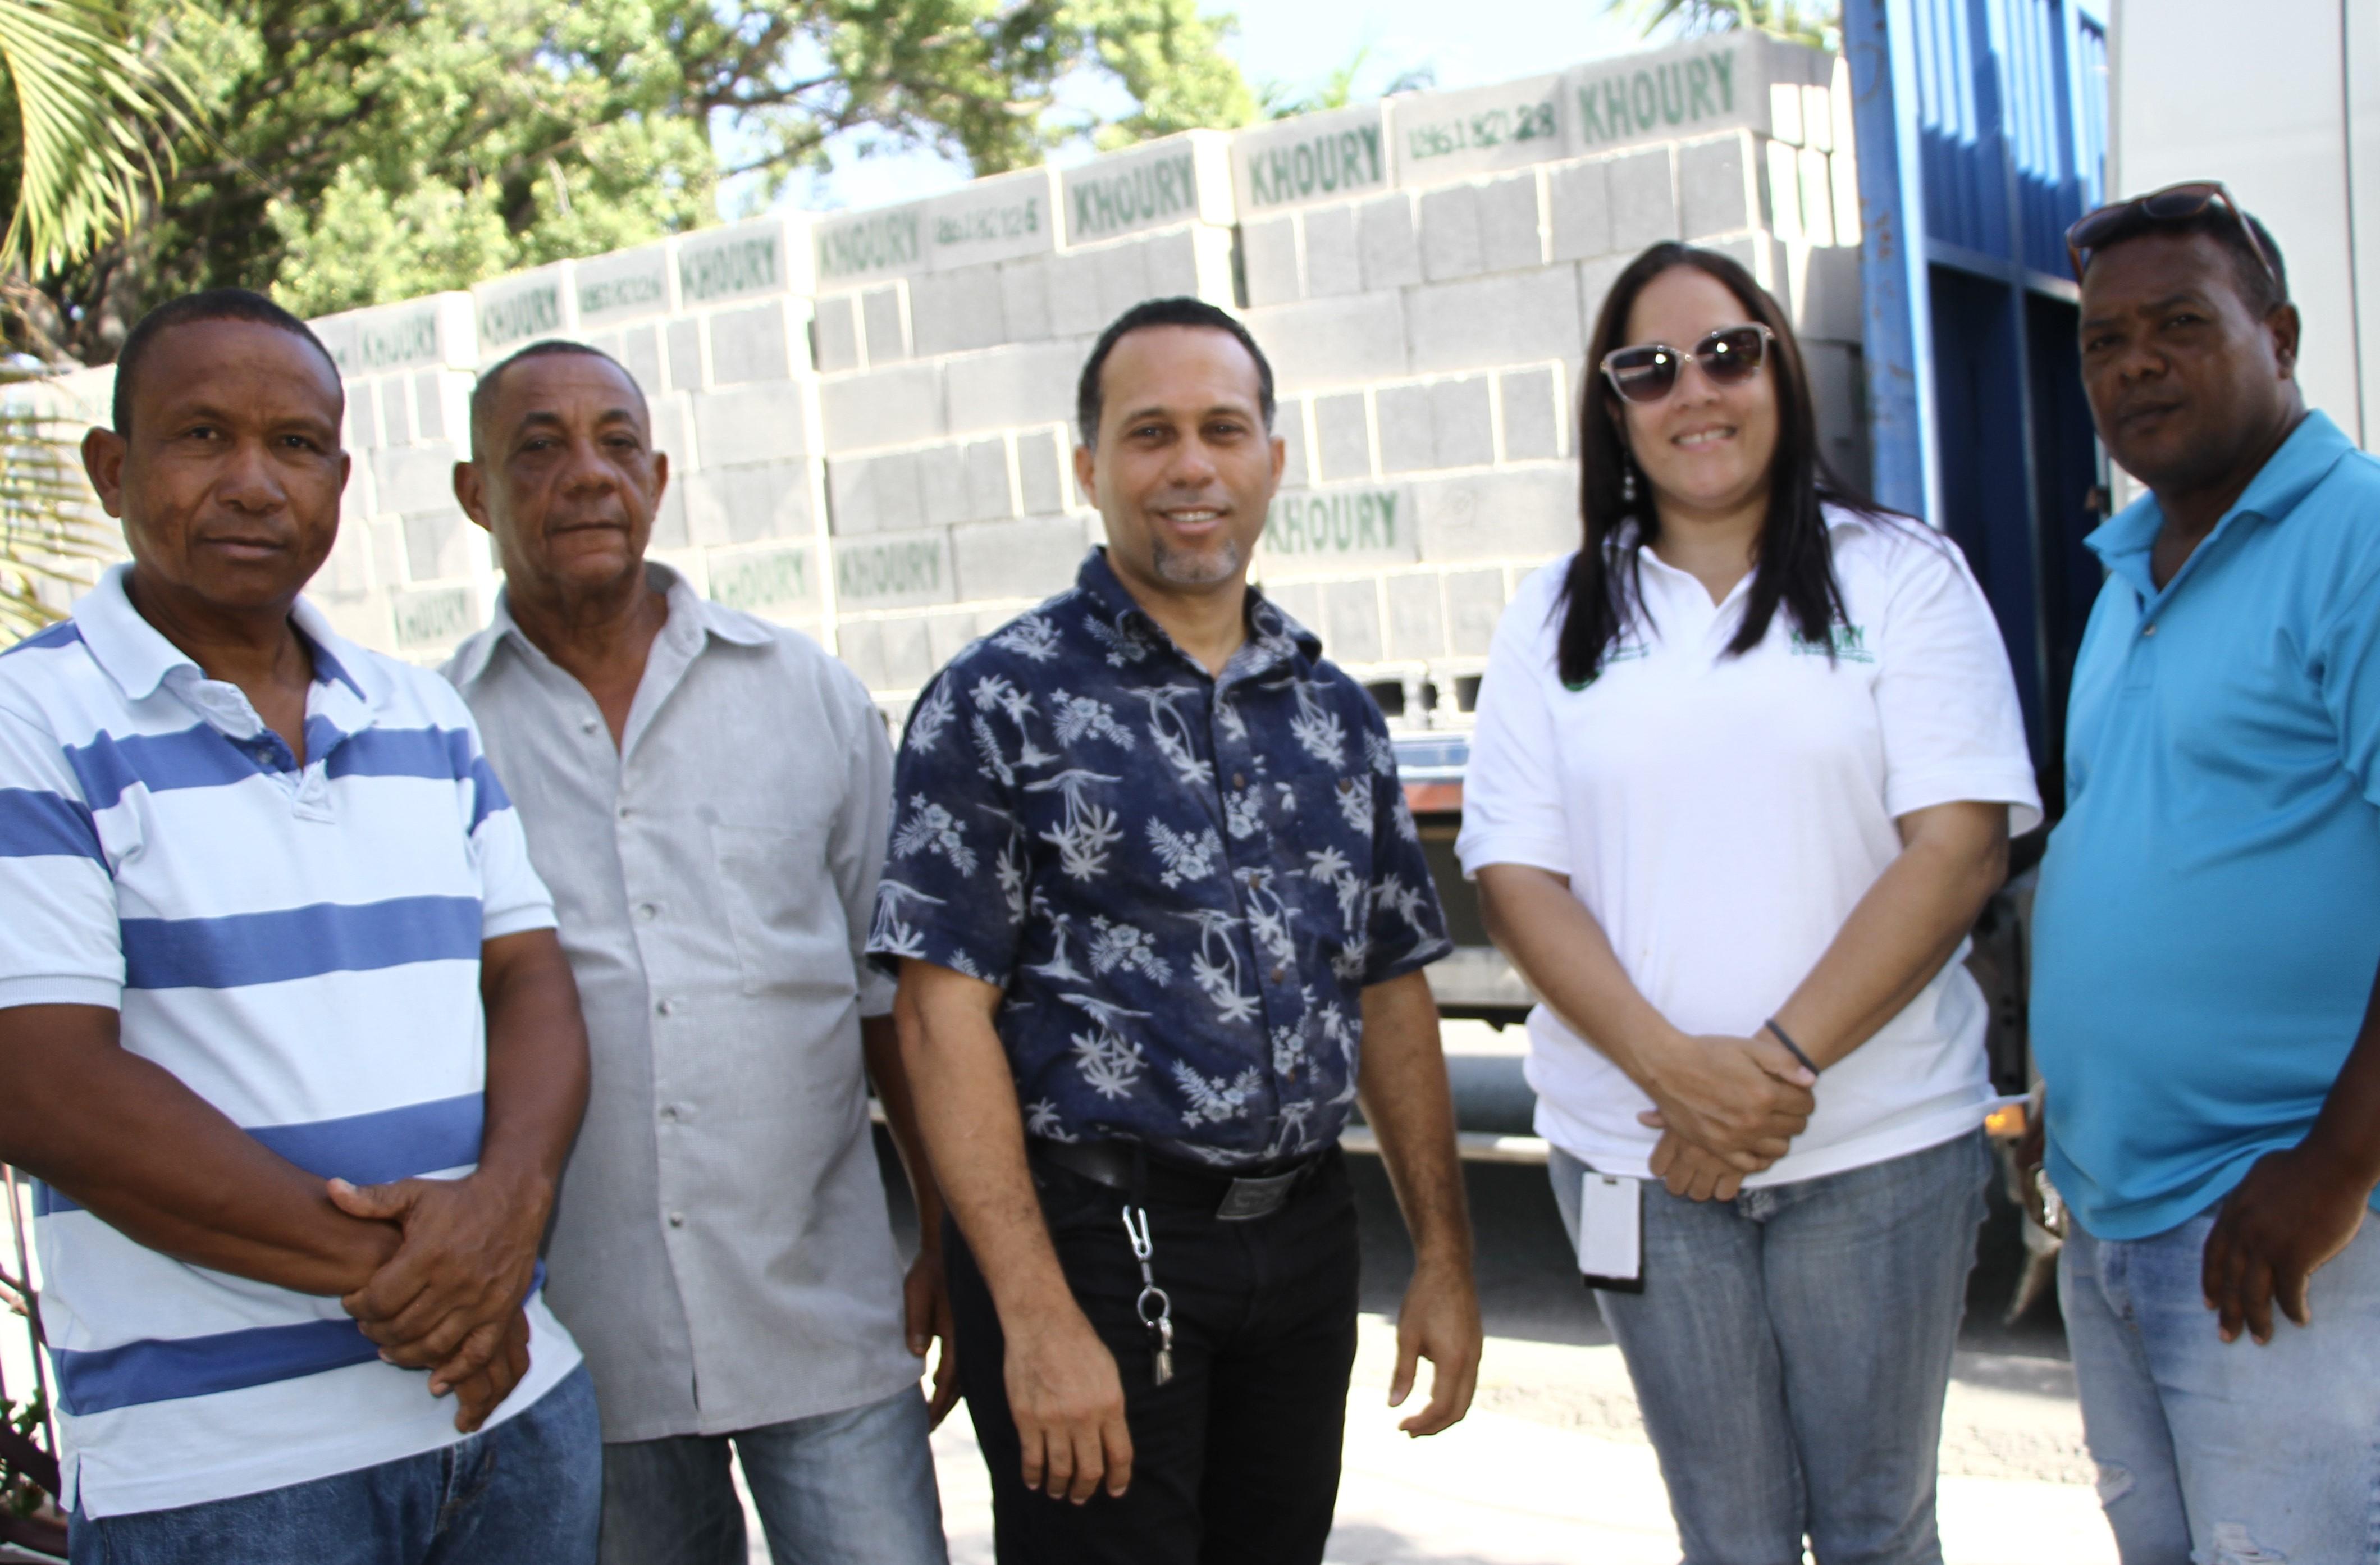 , Khoury Industrial aporta materiales para proyecto de reconstrucción de viviendas en Cabral